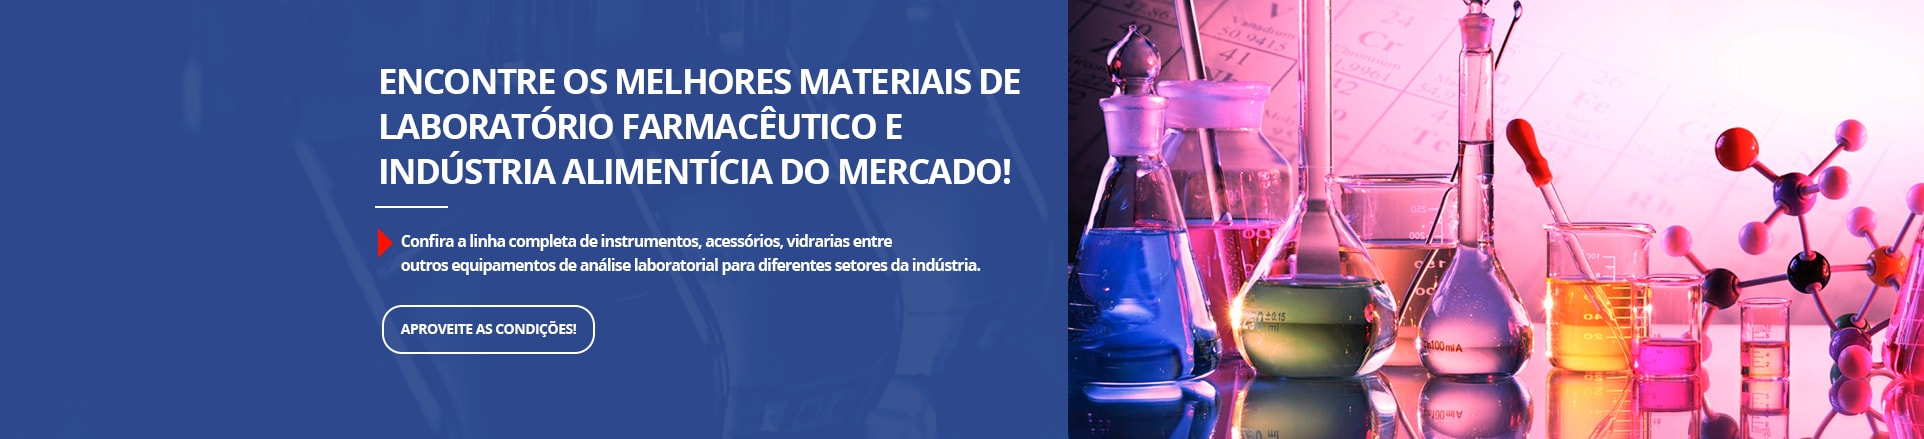 Materiais de labortórios Farmacêutico e Indústria alimentícia